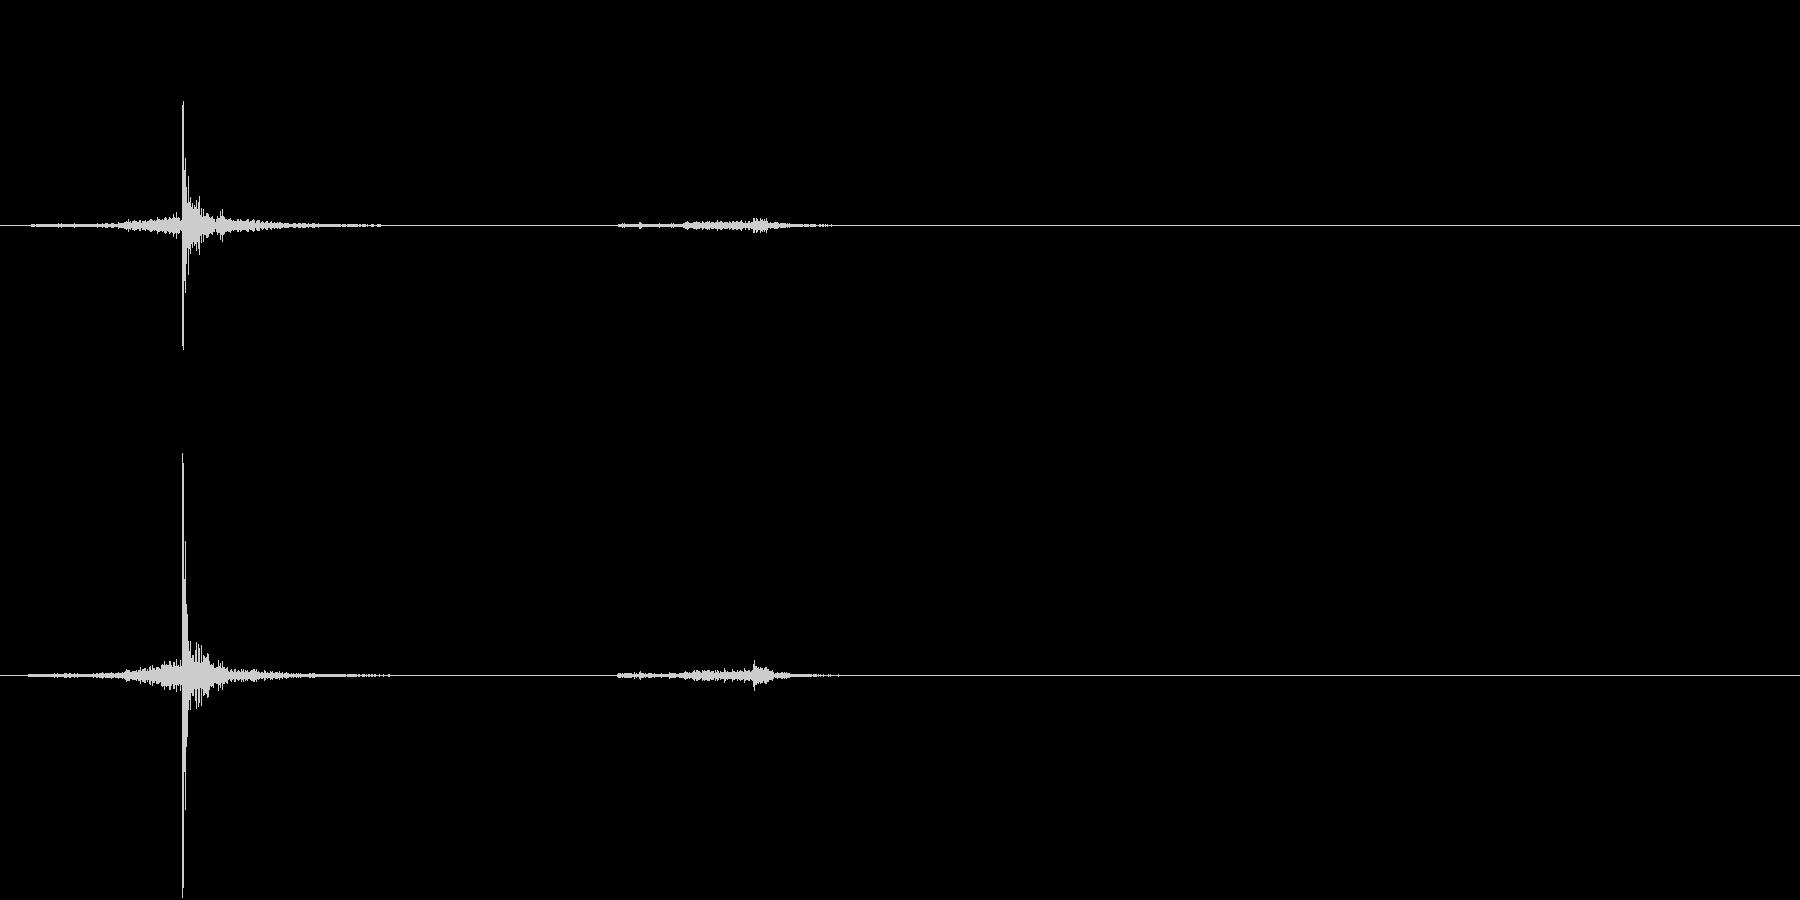 【生録音】ハサミの音 美容室 カット 1の未再生の波形